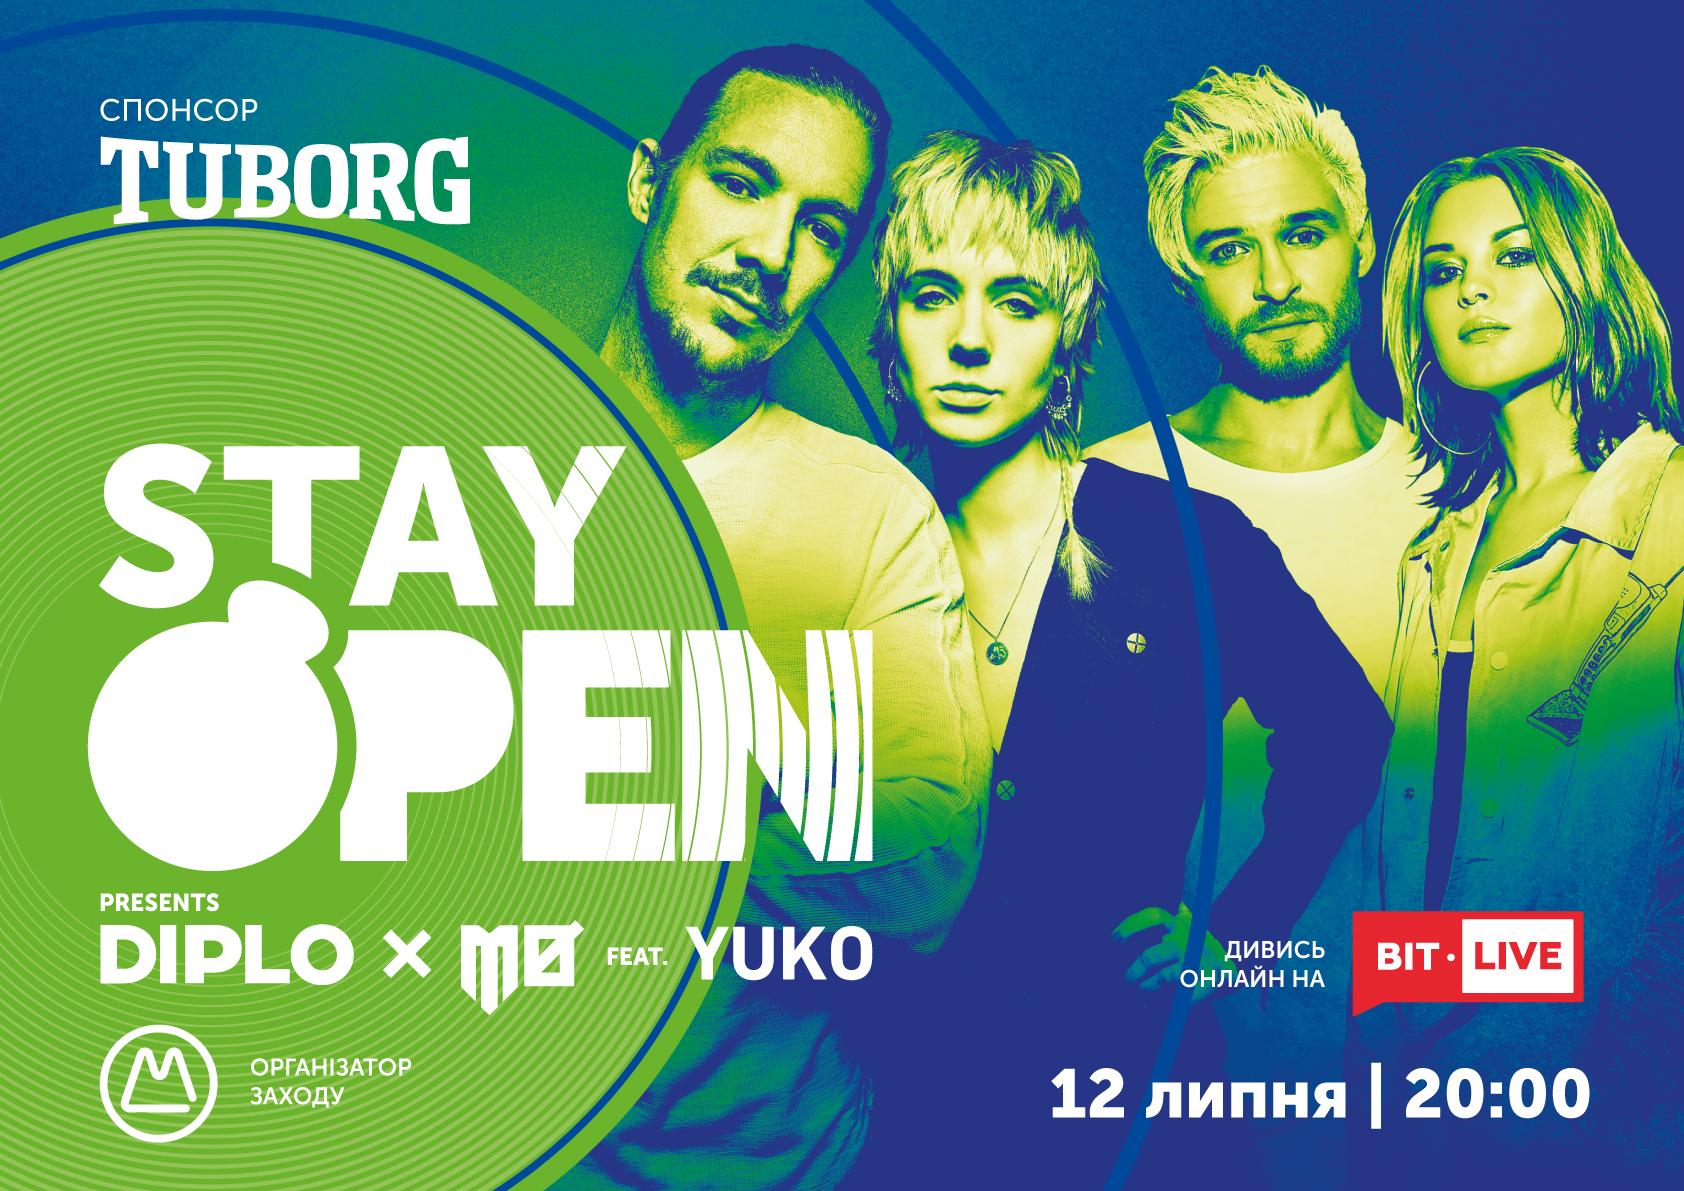 Український гурт Yuko став учасником світового музичного проекту